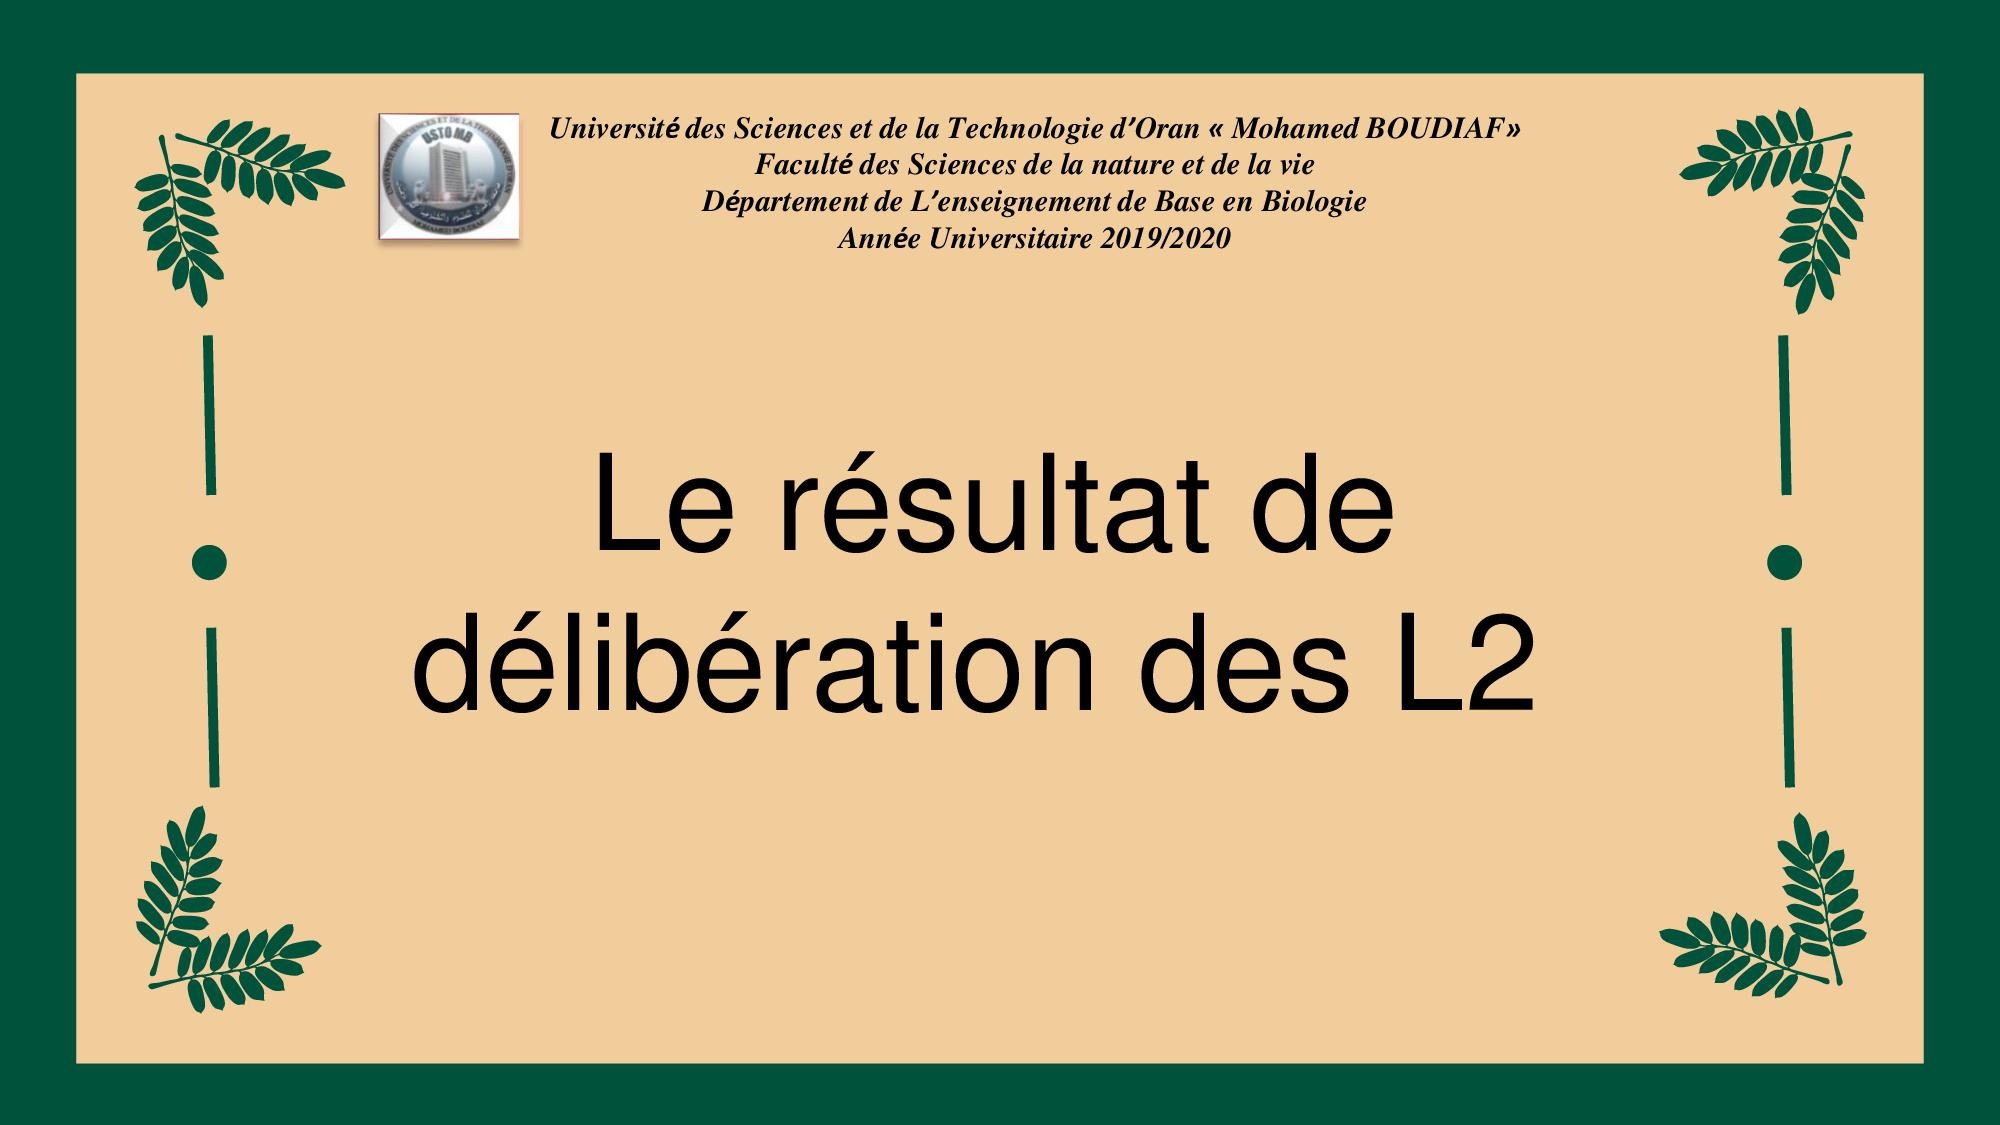 le-résultat-de-délibération-des-L2